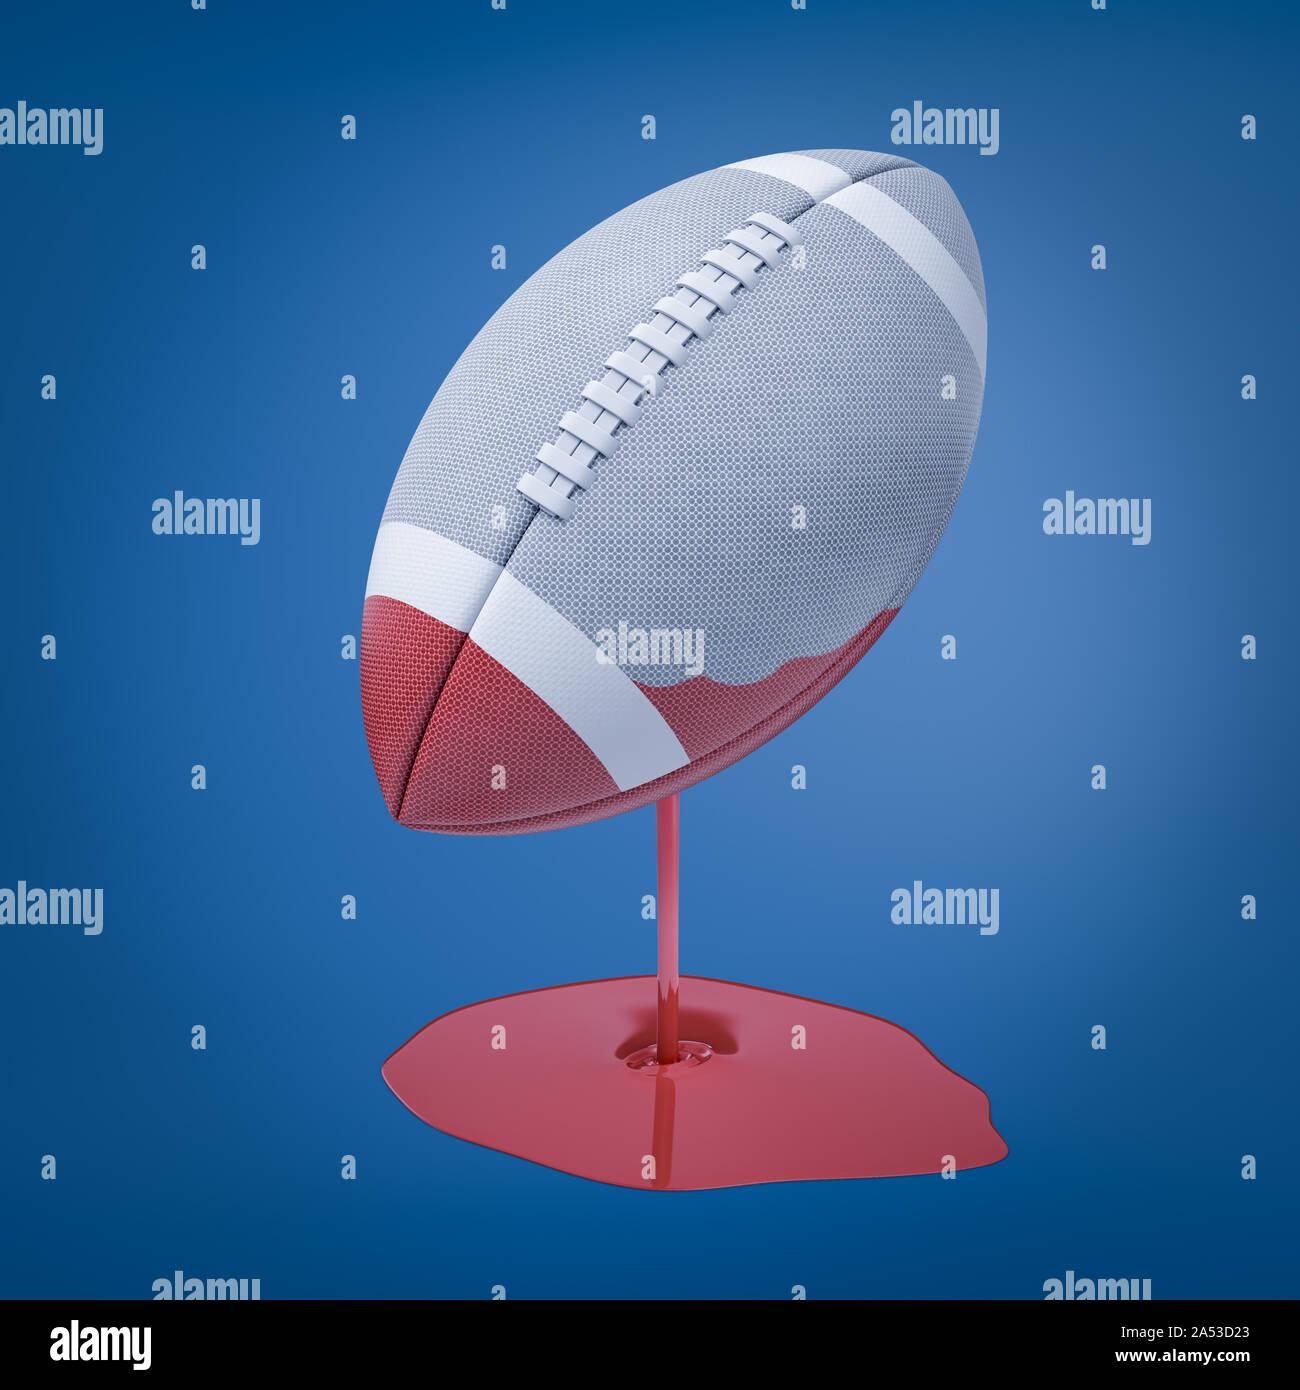 3D-Rendering für eine hellgraue ovalen Ball für American Football, der in roter Farbe, die immer noch nach unten tropft und bildet eine Pfütze eingetaucht wurde. Stockfoto